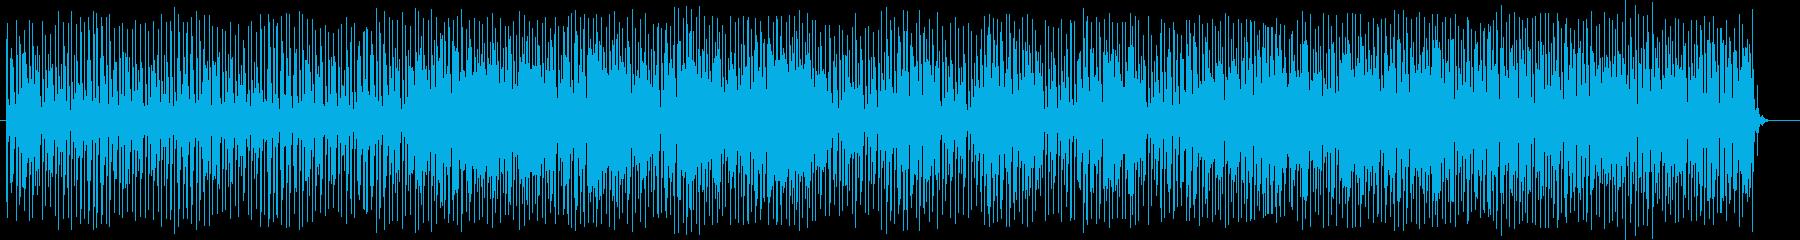 近未来感のあるシンセサイザーテクノの再生済みの波形